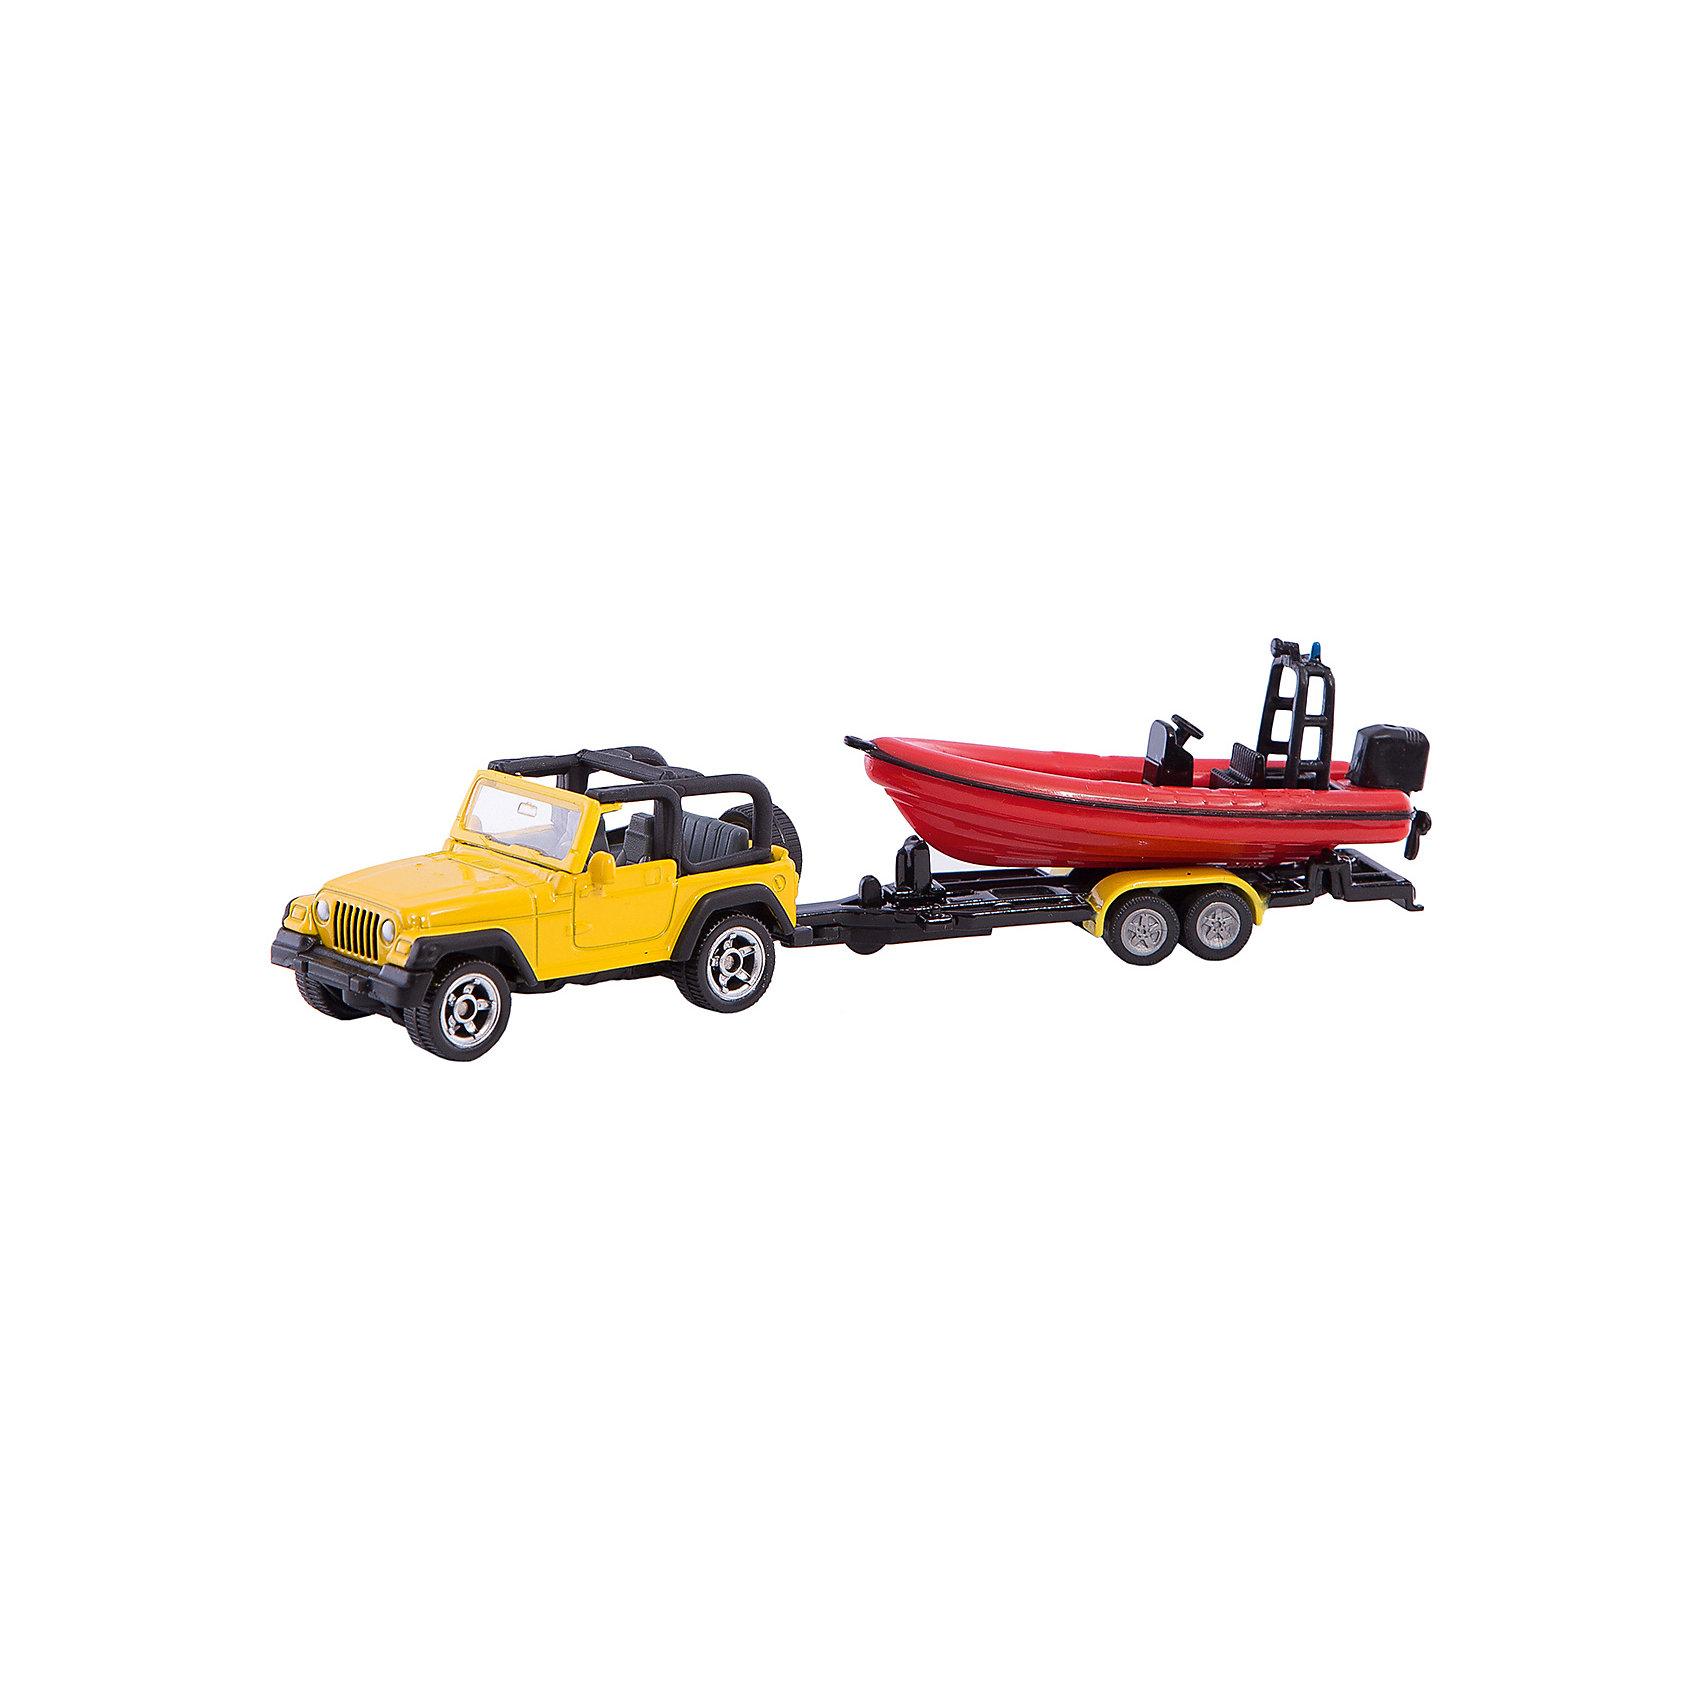 SIKU 1658 Джип с лодкойДжип с лодкой, Siku, станет прекрасным пополнением коллекции юного любителя автотехники. Модель представляет из себя реалистичную копию настоящего мощного внедорожника Jeep Wrangler в комплекте с красной моторной лодкой. Машинка отличается высокой степенью детализации и тщательной проработкой всех элементов. Джип с открытым верхом оснащен прозрачным лобовым стеклом, в салоне размещены сиденья и руль, имеются передние и задние фары и запасное колесо. Большие вращающиеся колеса обеспечивают высокую проходимость по любой поверхности. В комплект также входит съемный прицеп с лодкой, оснащенной мотором. Модели джипа и лодки с прицепом могут использоваться отдельно. Корпус машинки выполнен из металла, детали изготовлены из ударопрочной пластмассы.<br><br>Дополнительная информация:<br><br>- Материал: металл, пластик.<br>- Размер джипа с прицепом: 19,6 x 7,8 x 4 см.<br>- Размер упаковки: 20 х 8 х 4 см.<br>- Вес с упаковкой: 0,2 кг.<br><br>1658 Джип с лодкой, Siku, можно купить в нашем интернет-магазине.<br><br>Ширина мм: 197<br>Глубина мм: 78<br>Высота мм: 36<br>Вес г: 77<br>Возраст от месяцев: 36<br>Возраст до месяцев: 96<br>Пол: Мужской<br>Возраст: Детский<br>SKU: 2257974